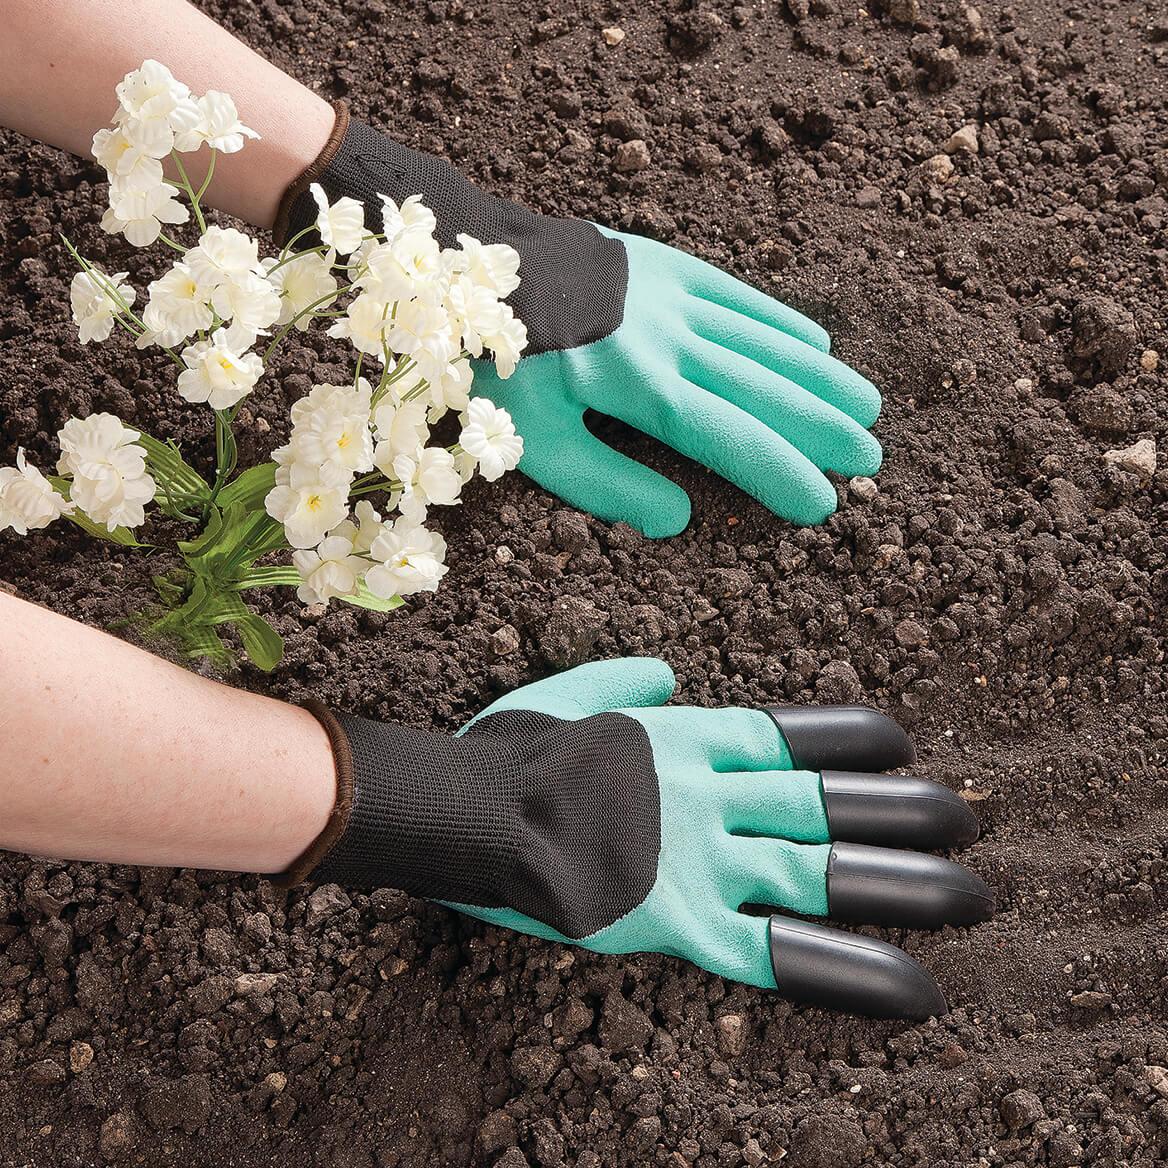 Garden Claw Glove Gardening Gloves Garden Claw Walter Drake